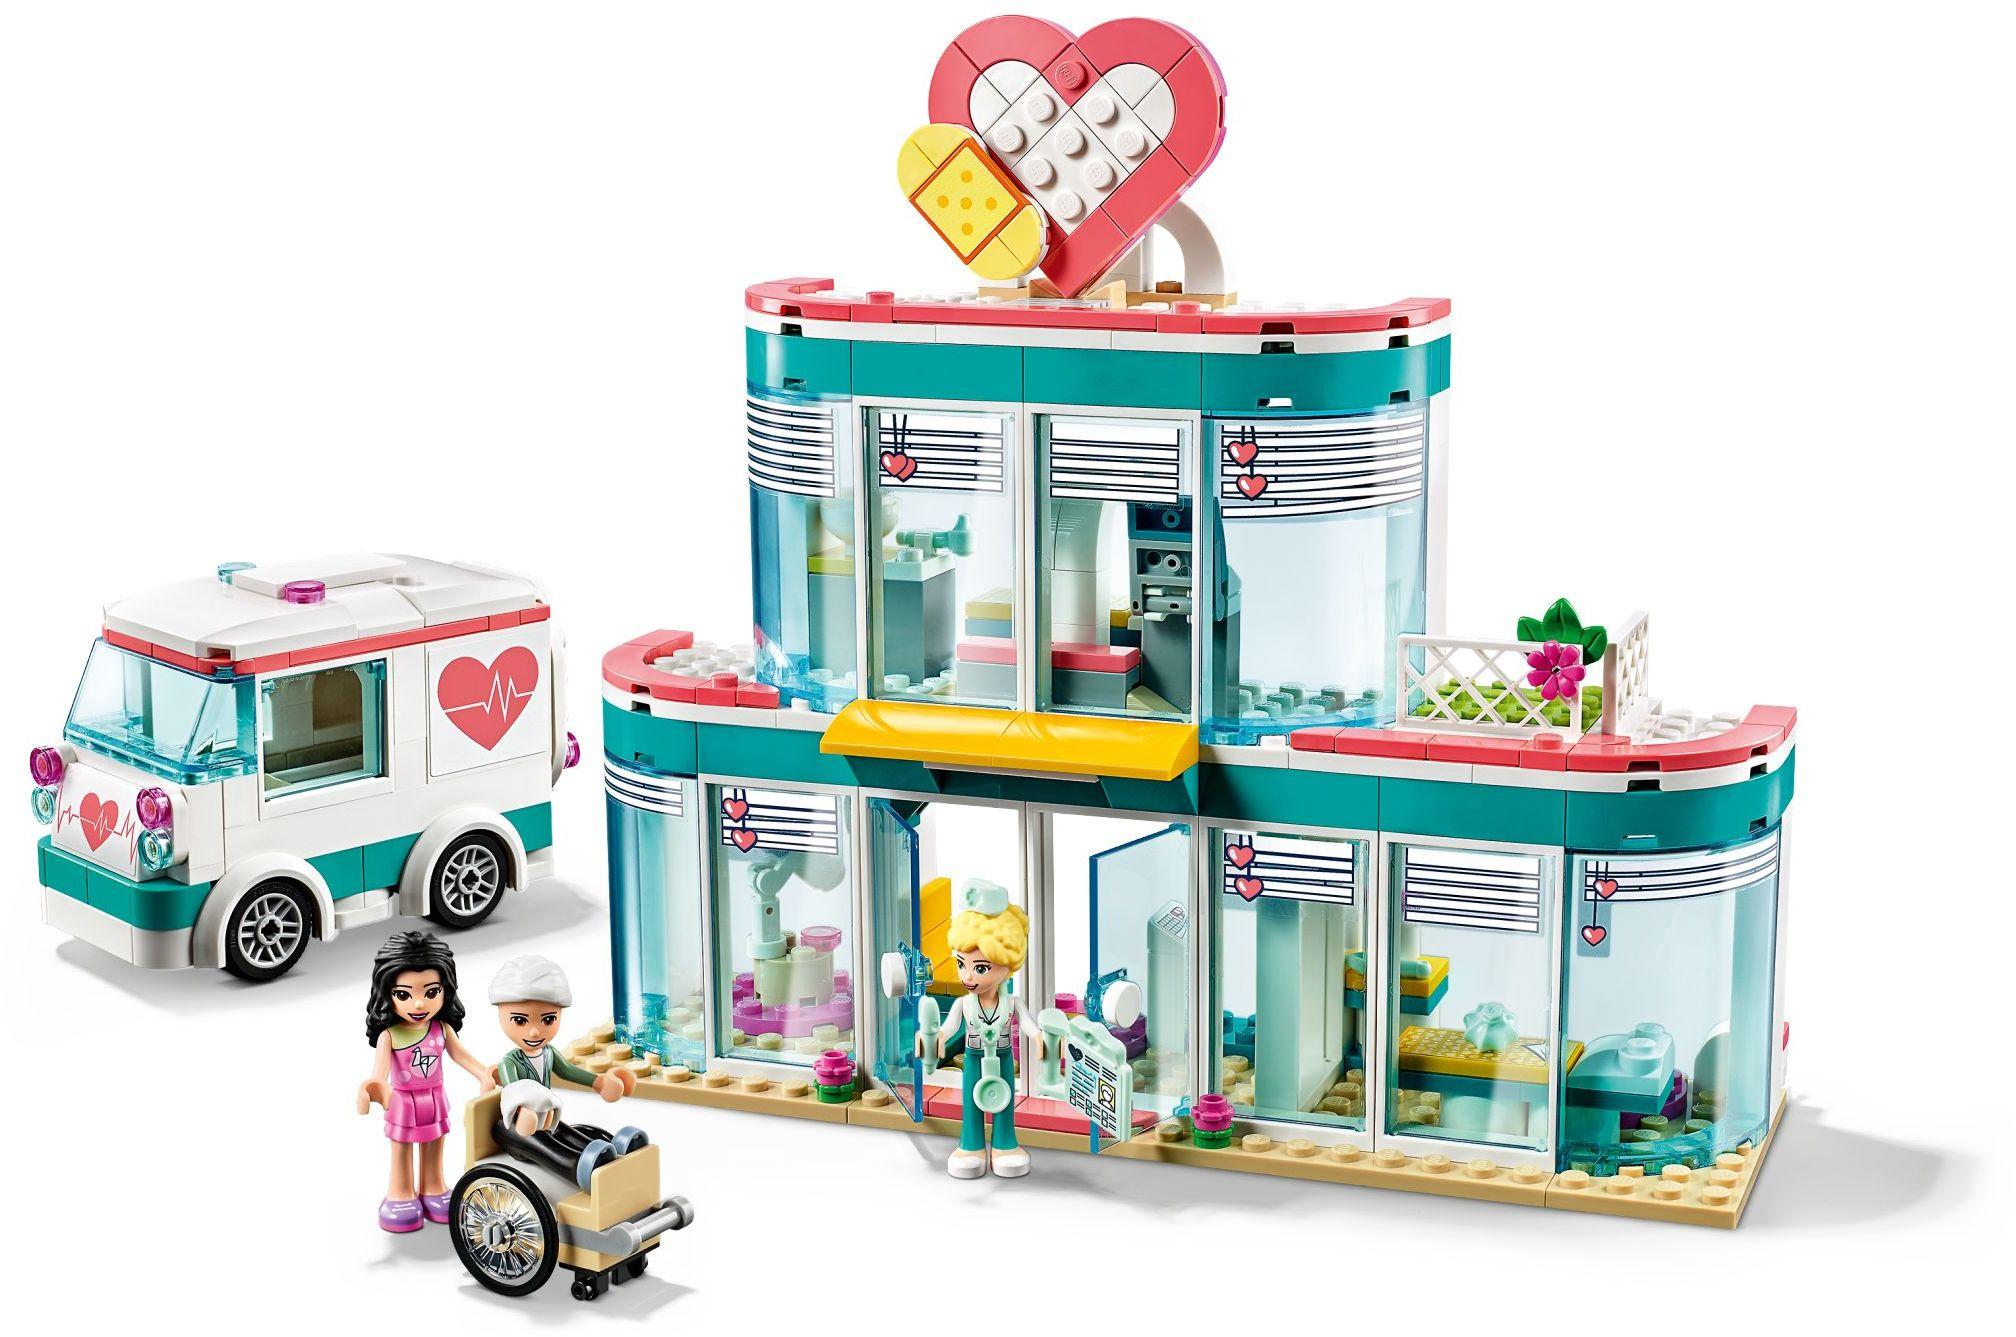 LEGO Real Life Heroes heartlake hospital